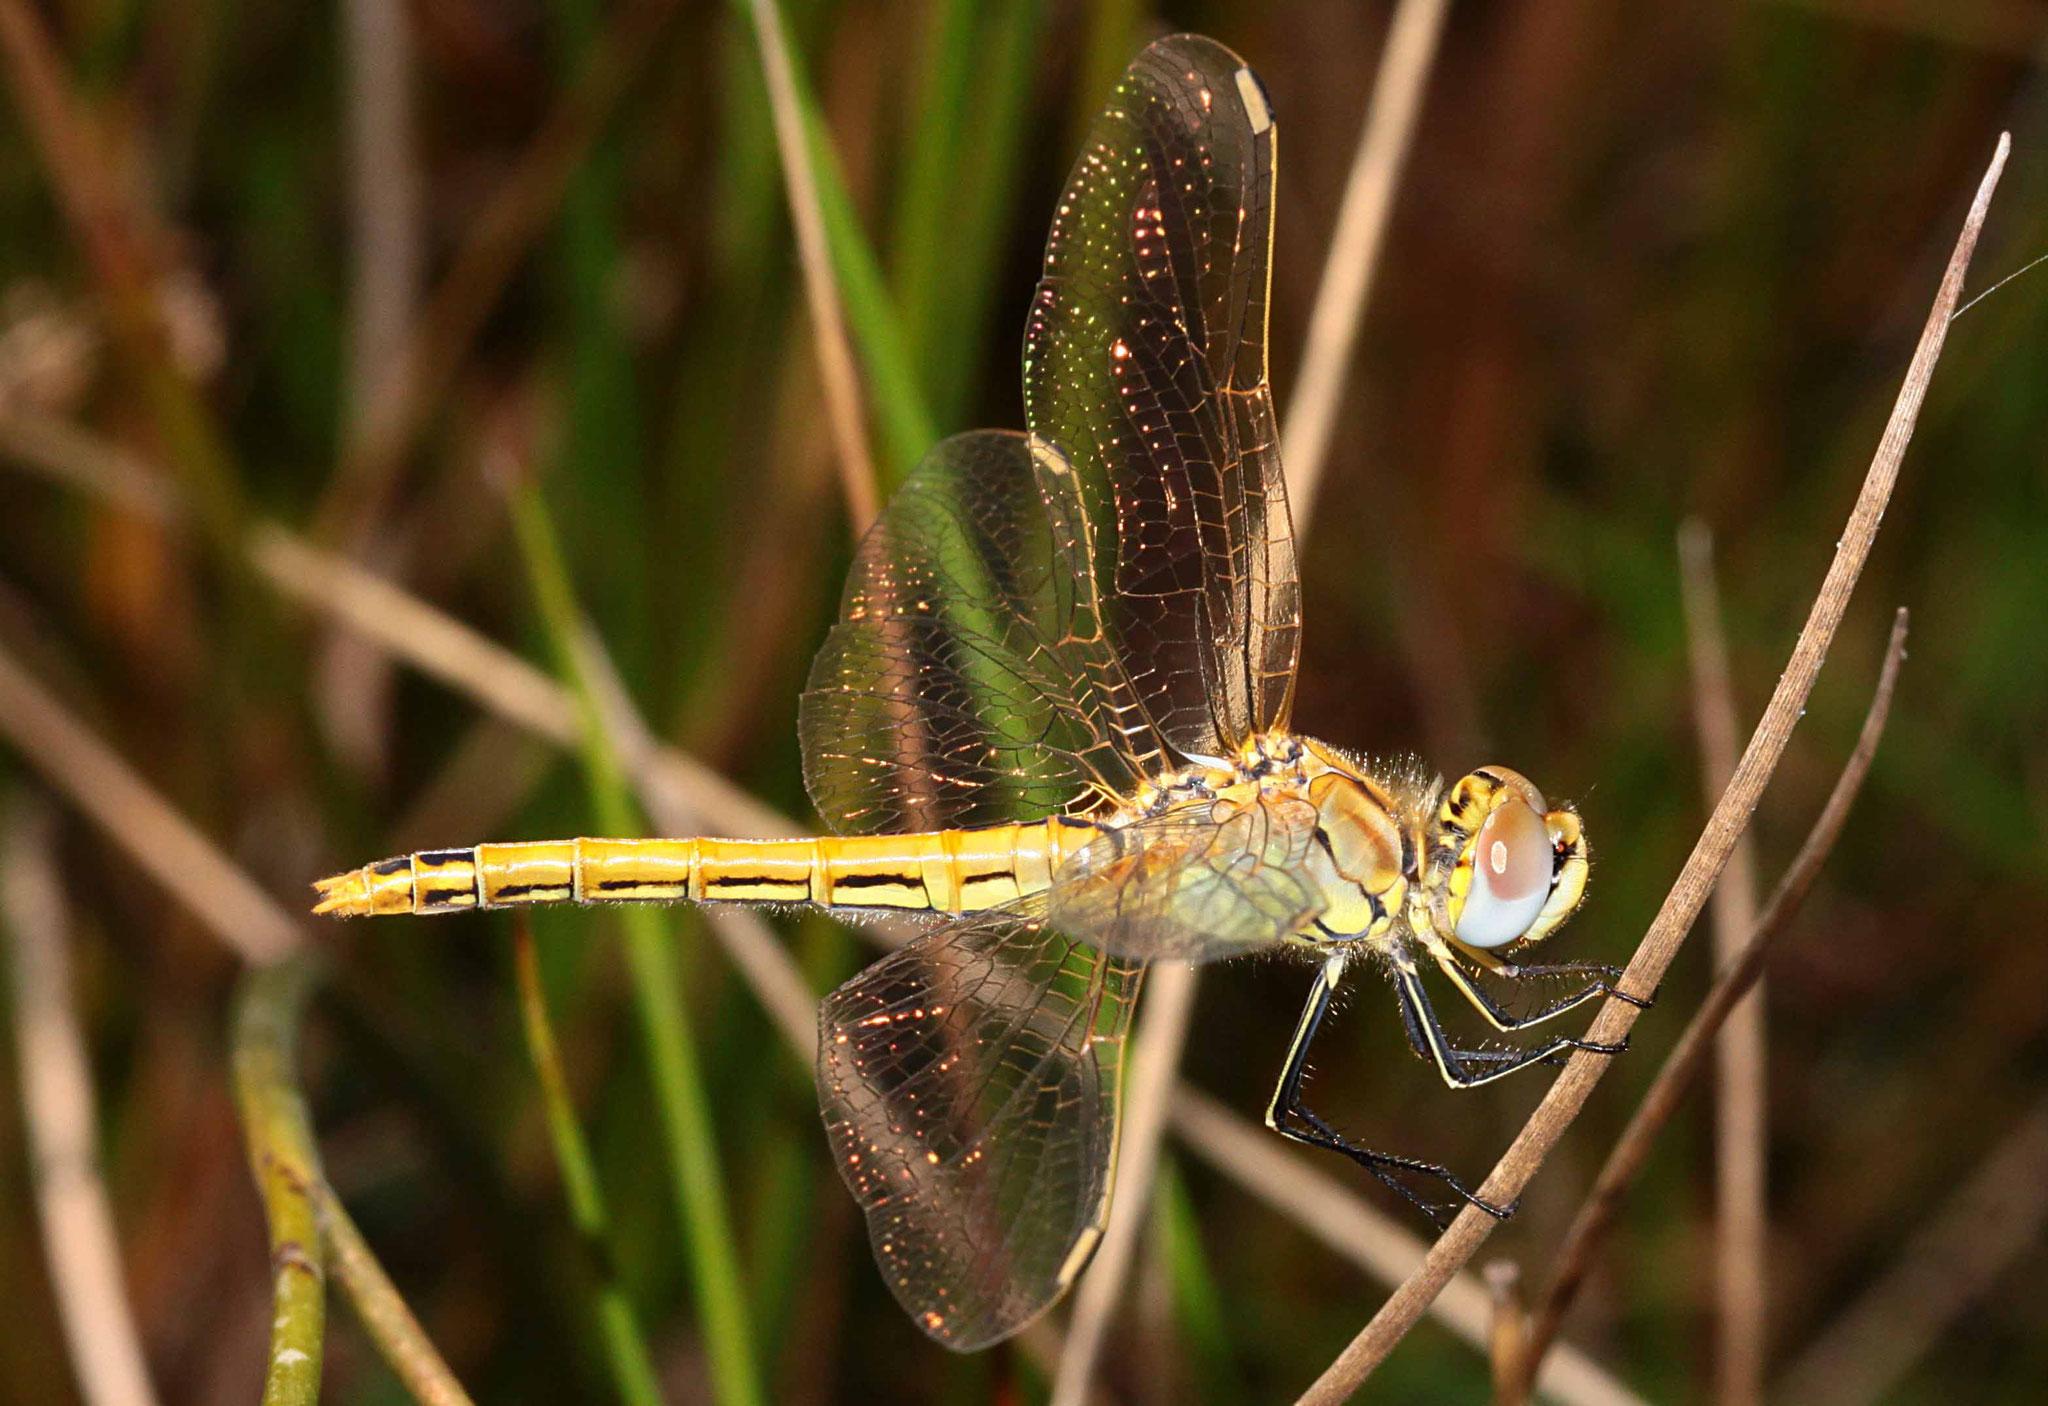 Sympetrum fonscolombii, Weibchen unmittelbar nach dem Jungfernflug.